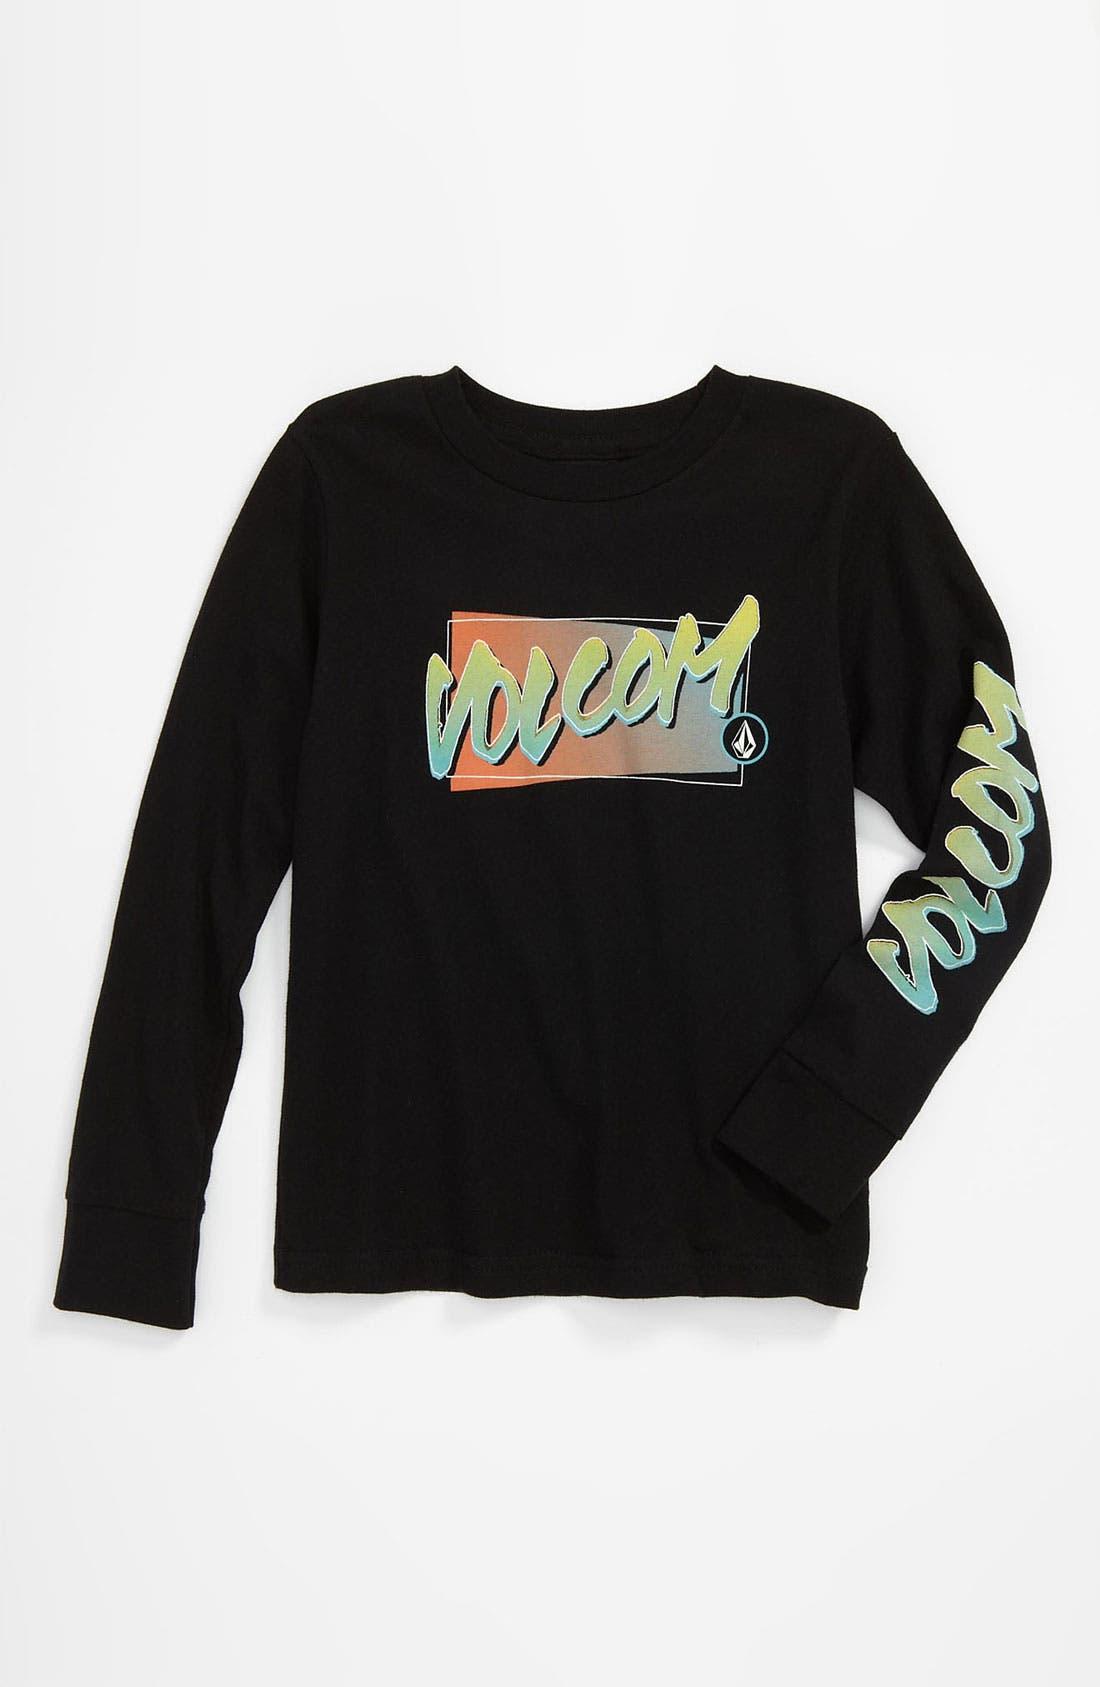 Alternate Image 1 Selected - Volcom 'V Core' T-Shirt (Little Boys)